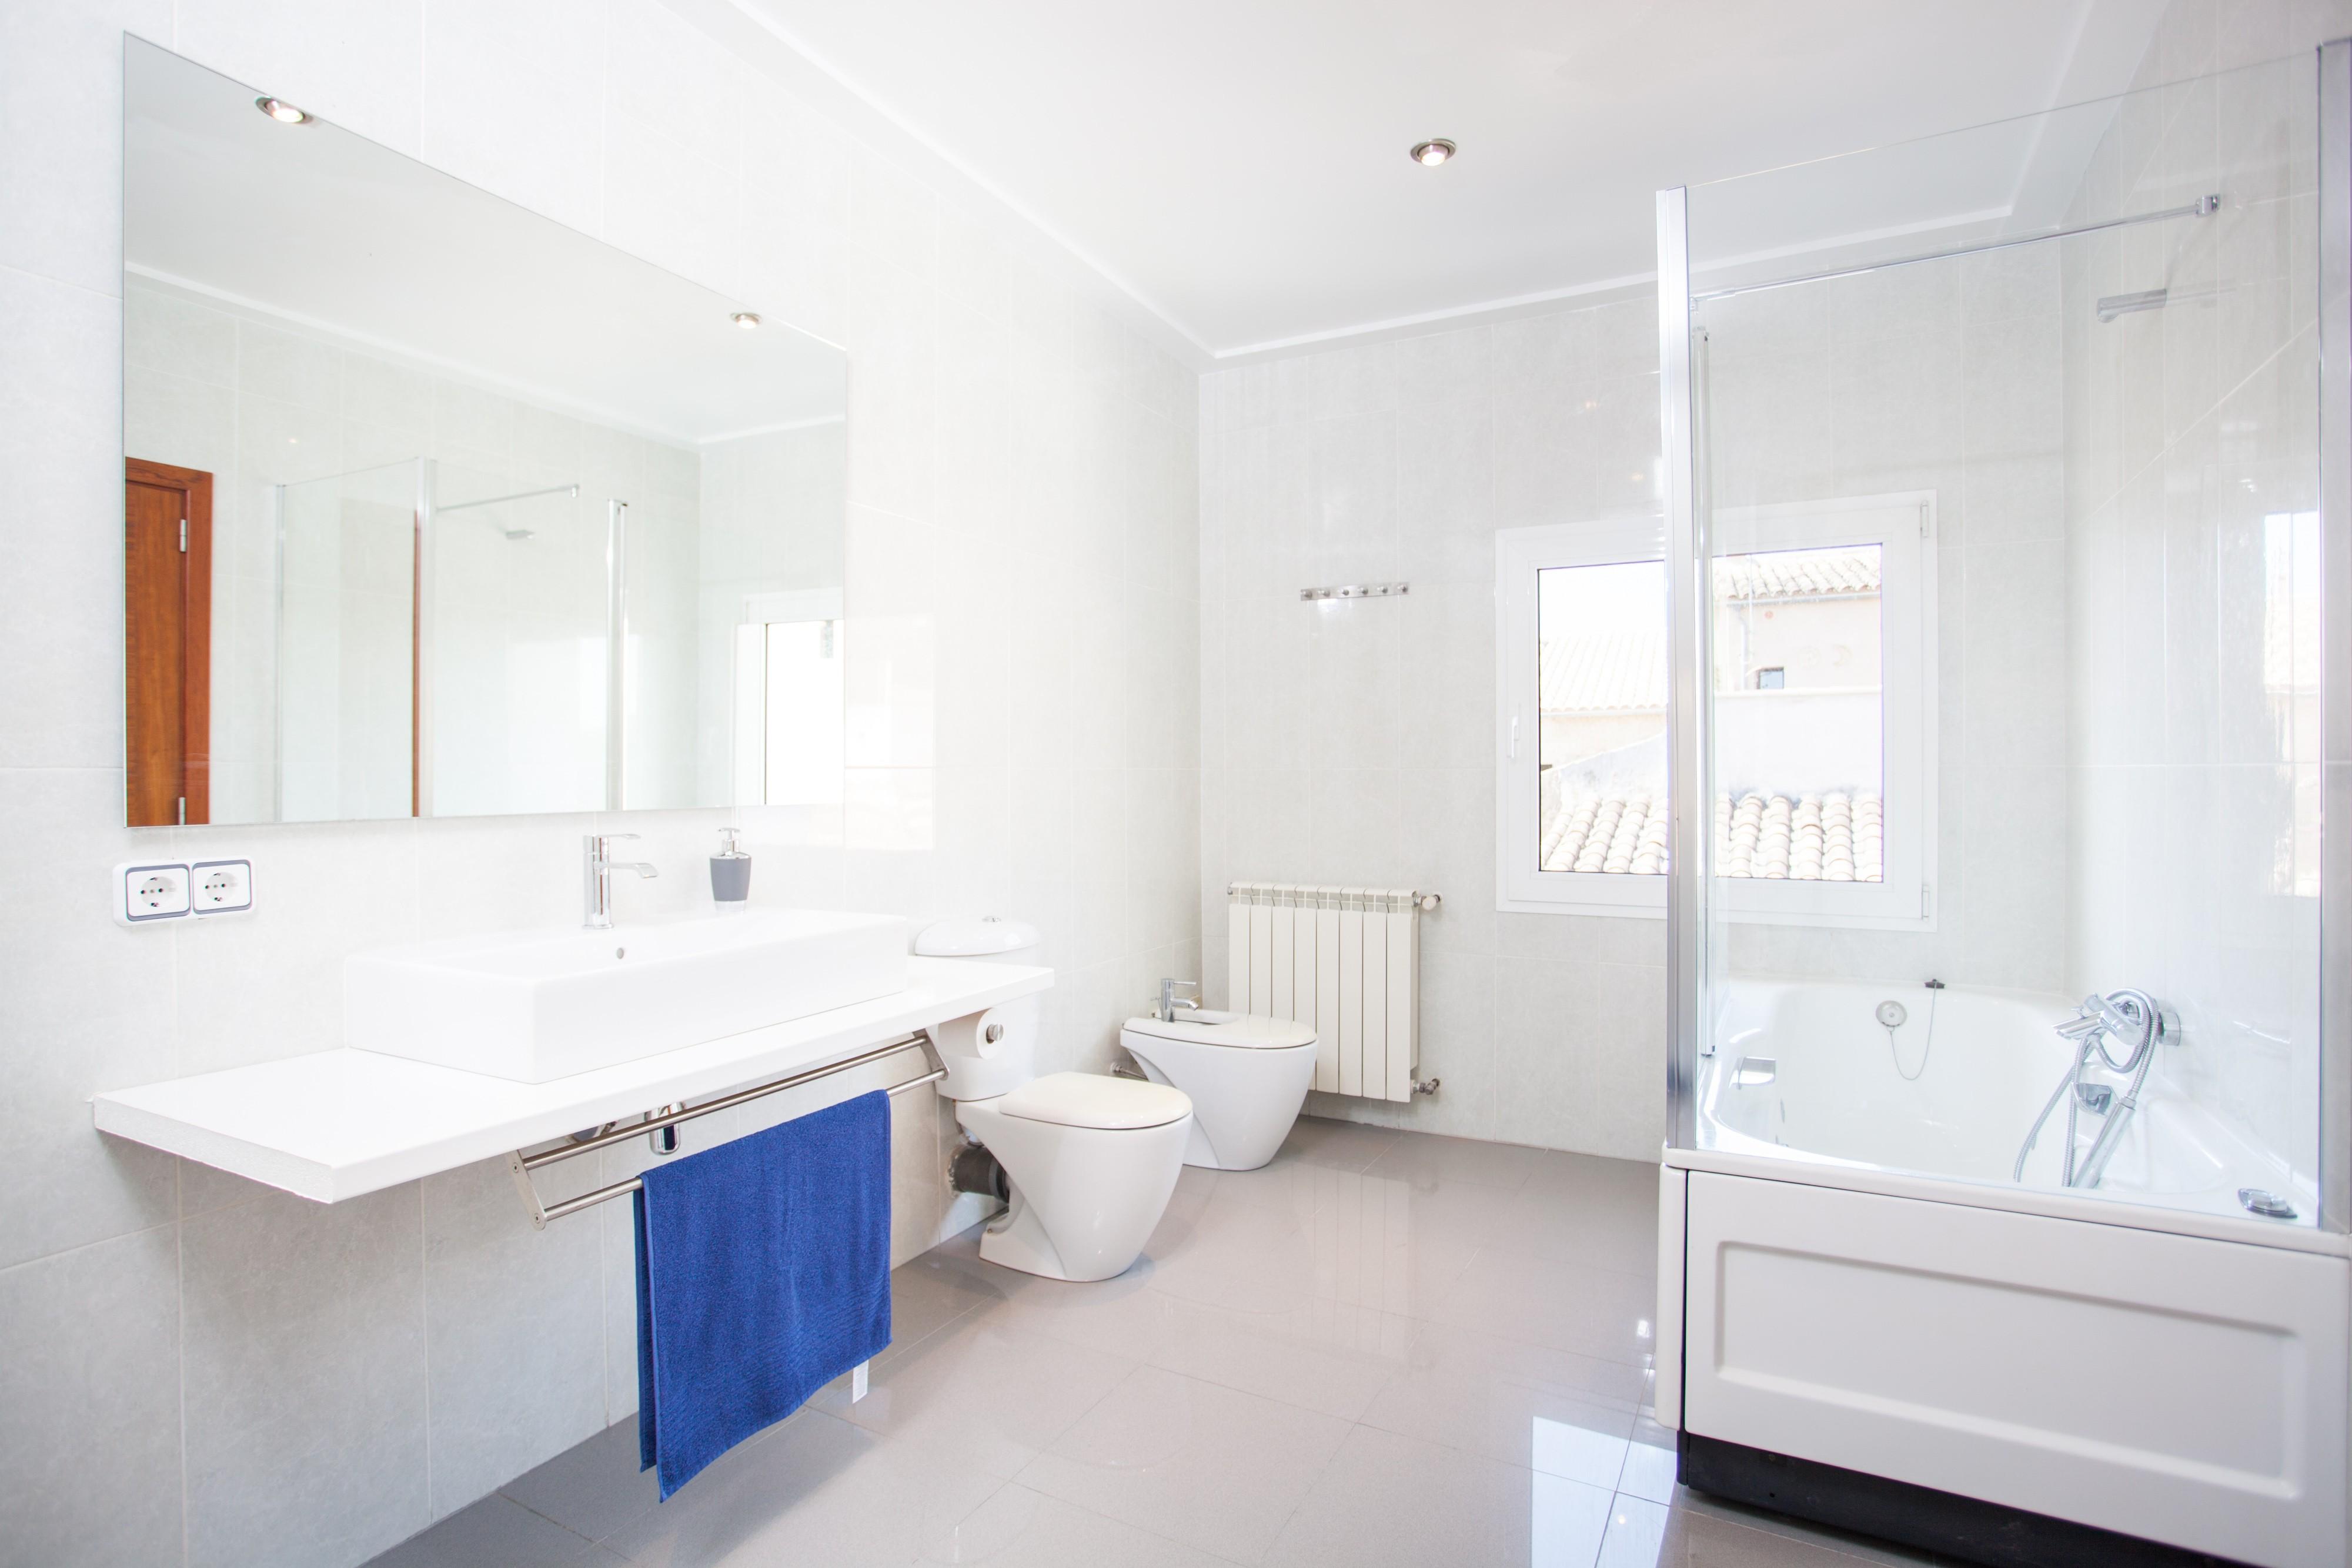 Maison de vacances CAN DOMINGO (2246405), Lloret de Vistalegre, Majorque, Iles Baléares, Espagne, image 22